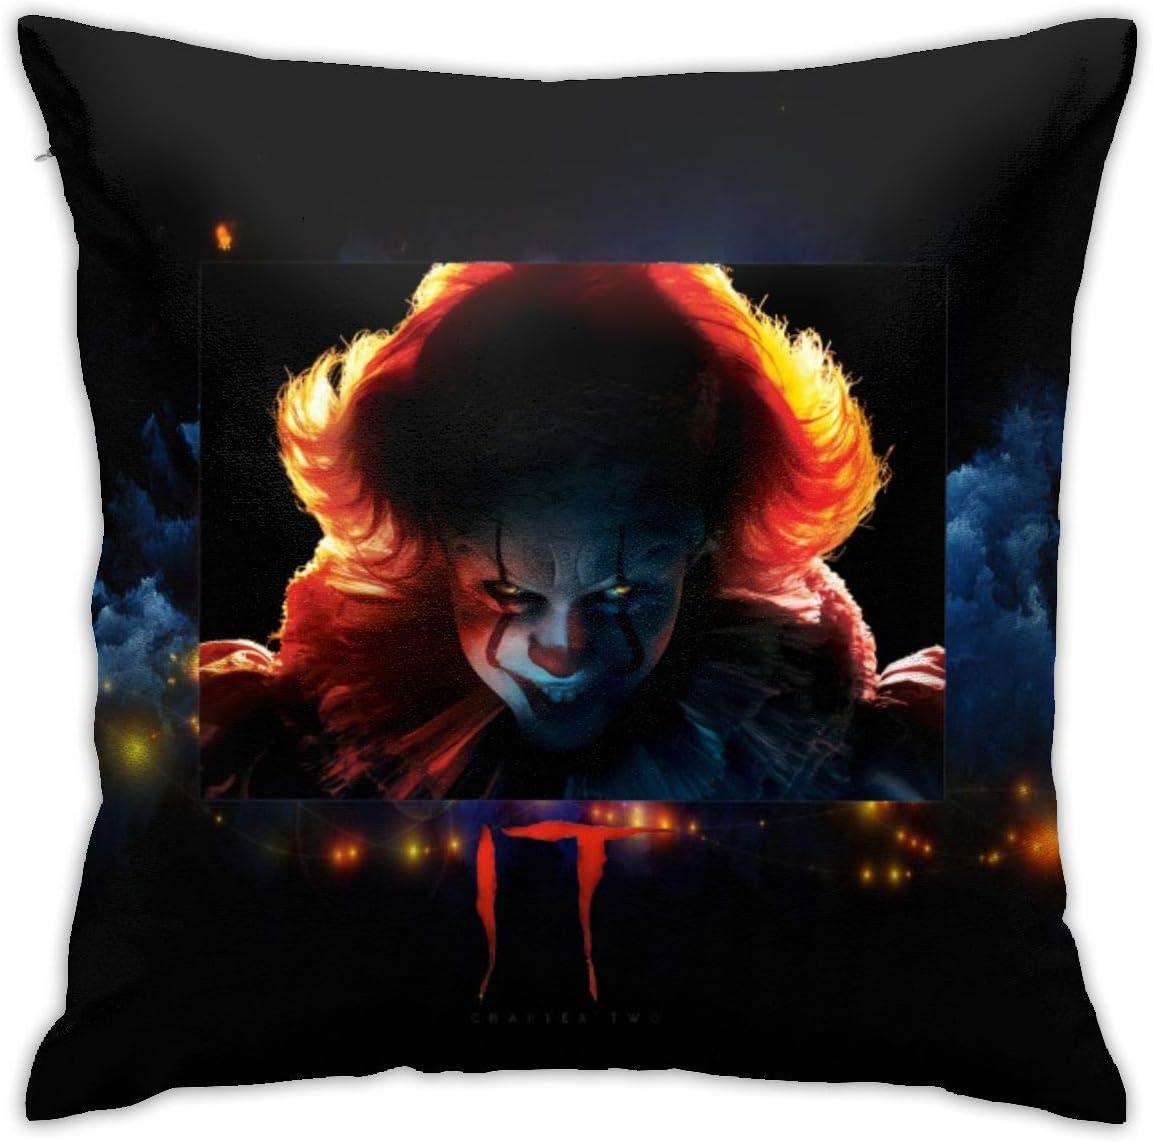 XCNGG Funda de almohadaHorror Scary Movie Villains Pillowcase 45cm 45cm